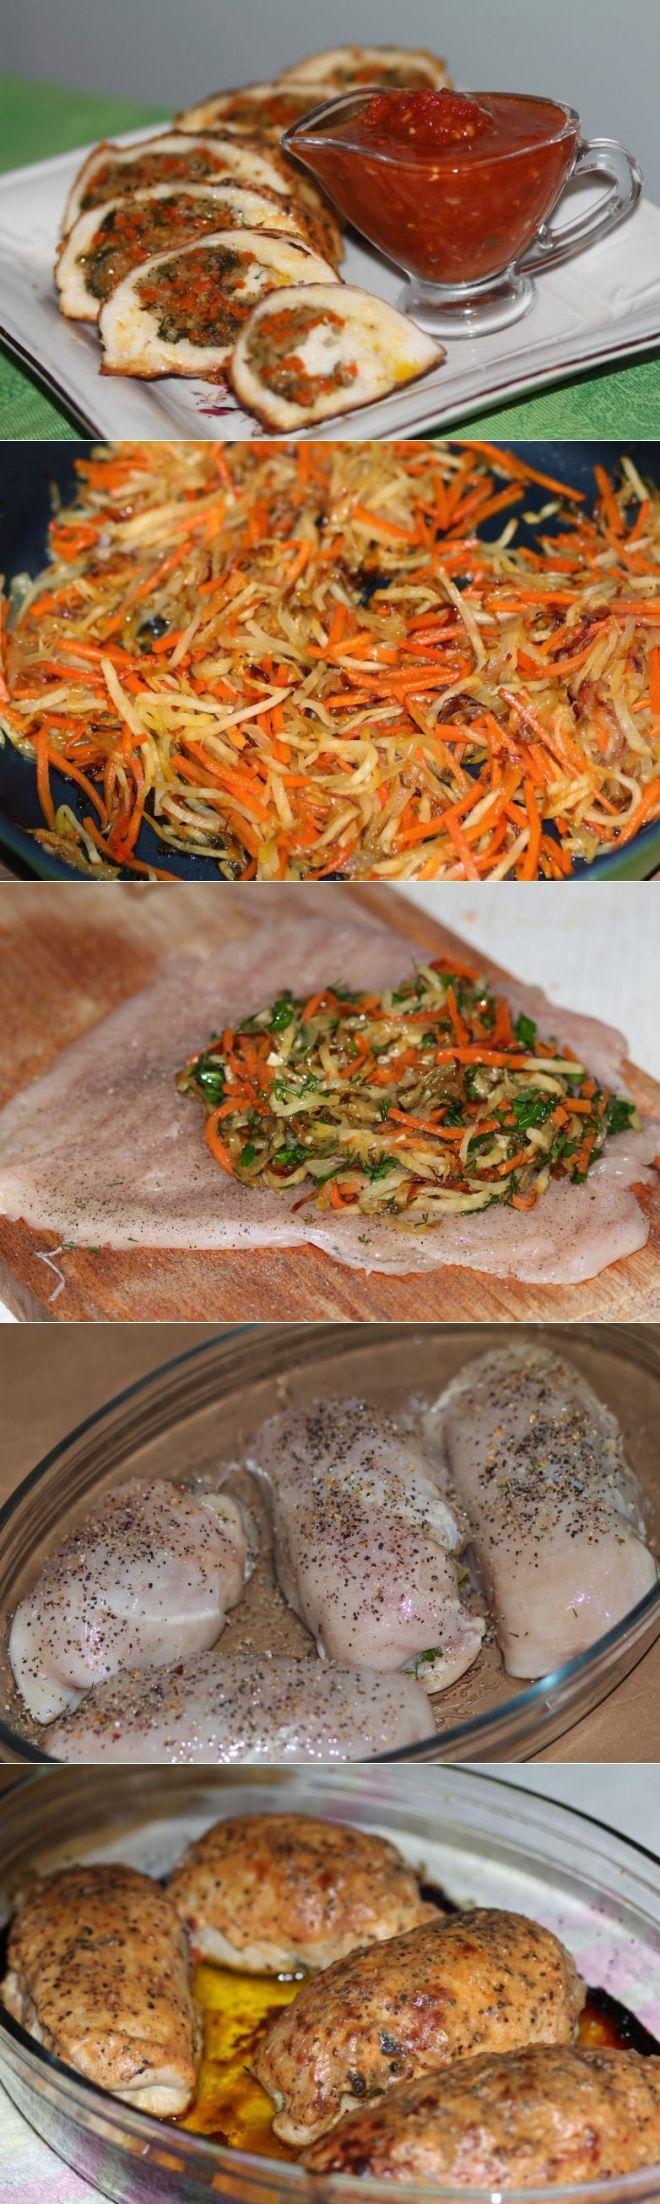 Куриная грудка, фаршированная овощами | Курица | Постила